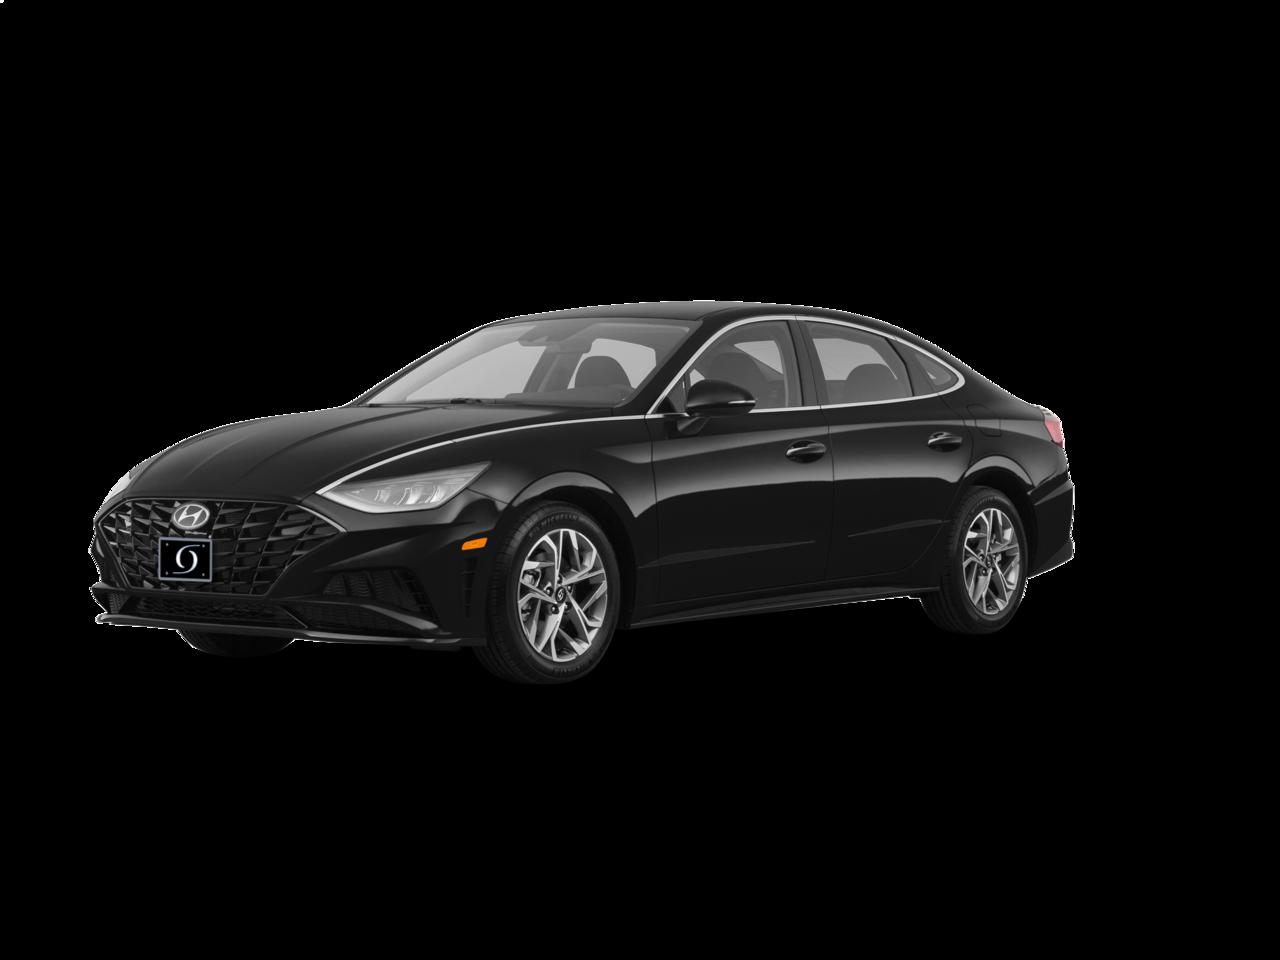 2020 Hyundai Sonata SE 4dr Sedan (2.5L 4cyl 8A) Phantom Black